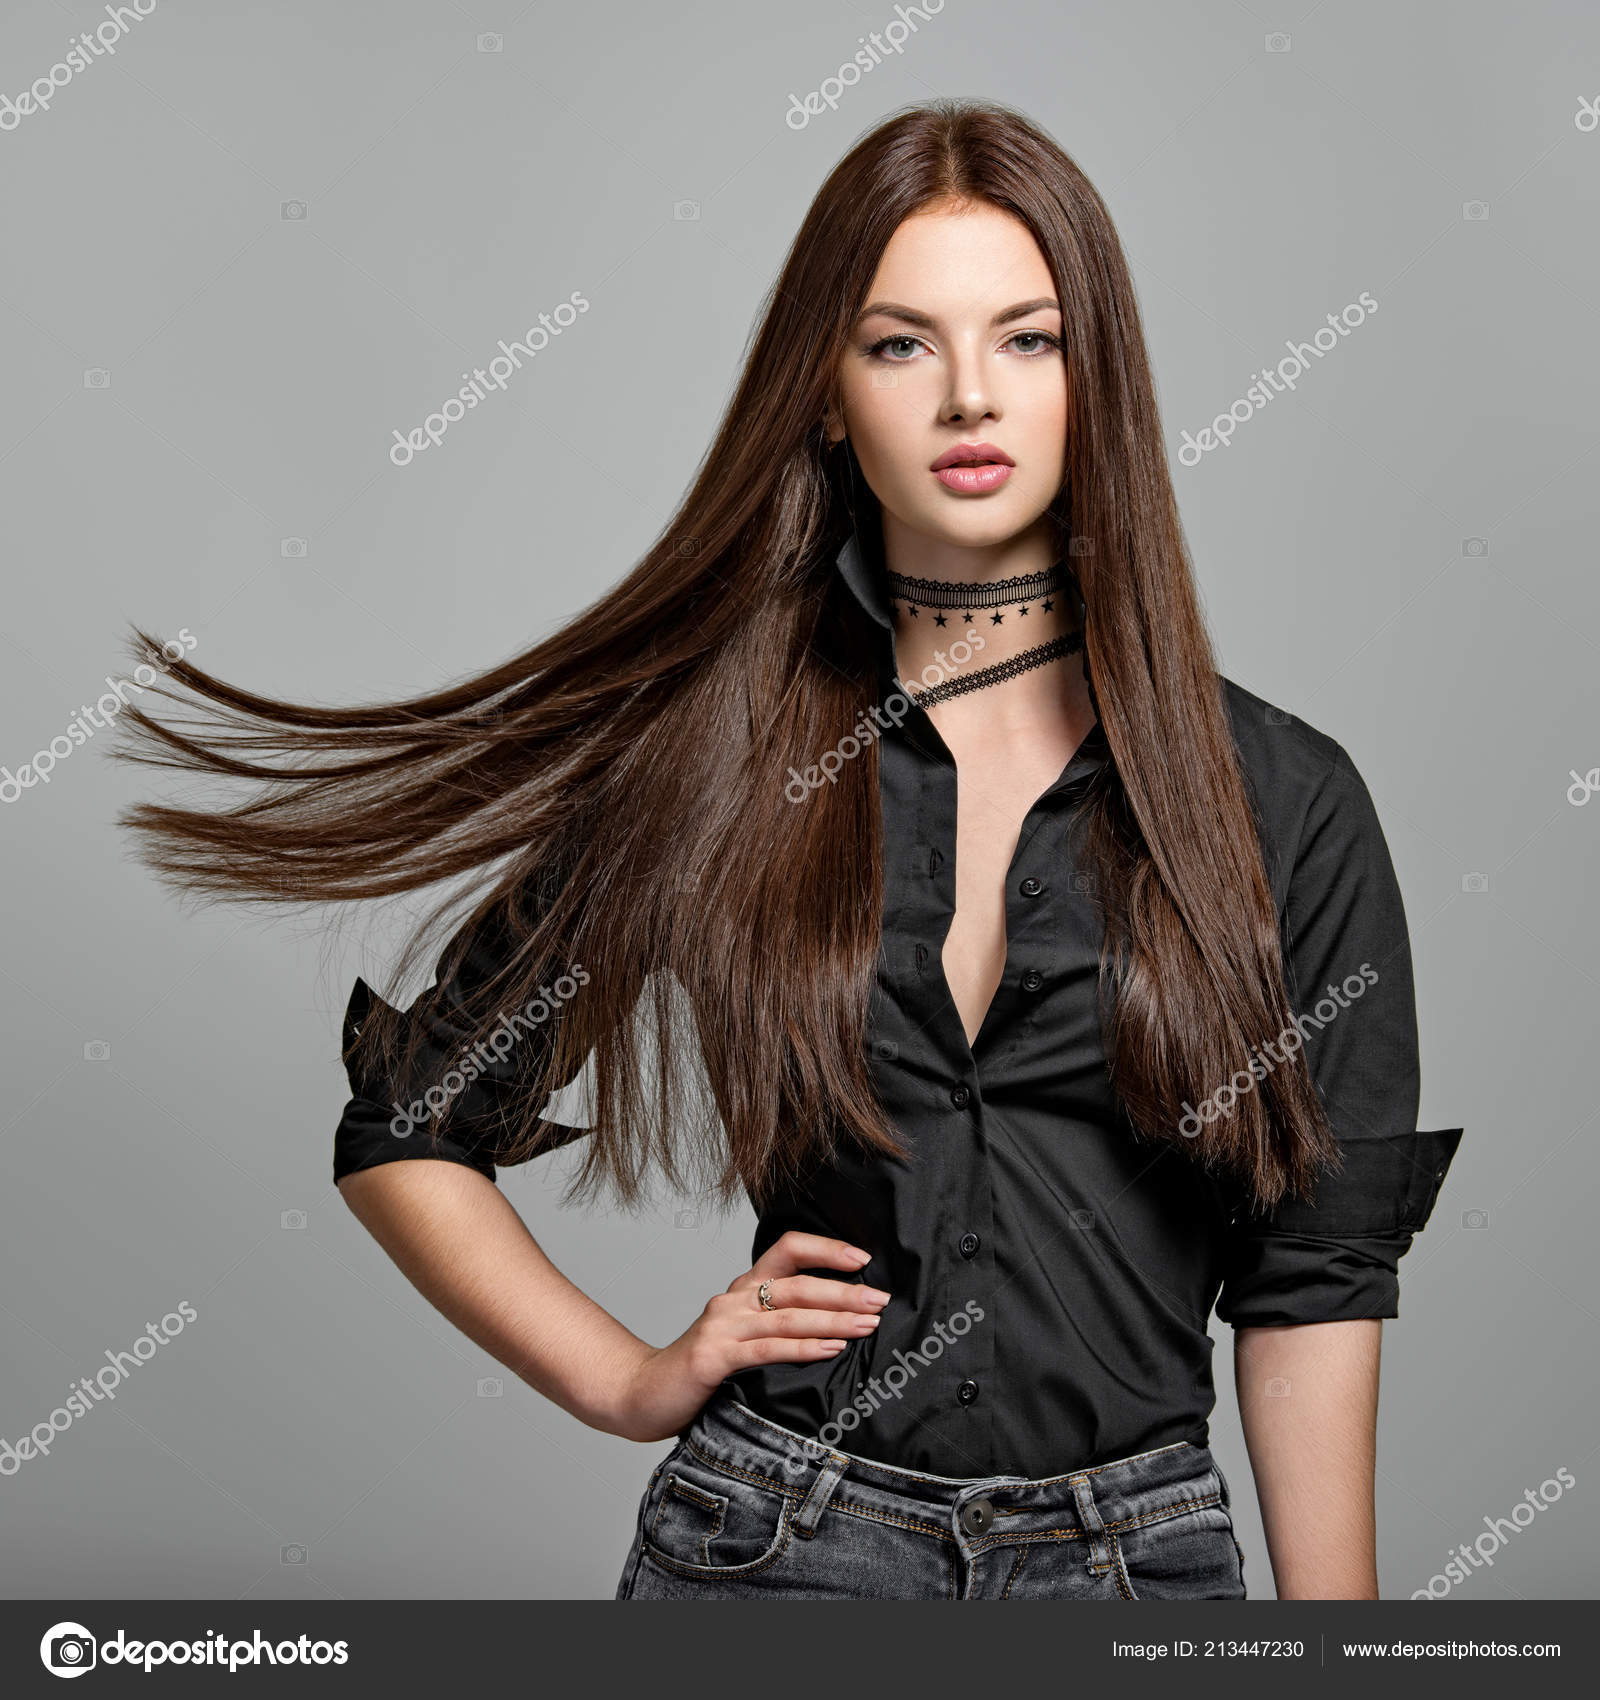 μακριά μαλλιά ασιατικό σεξ μηχανόβιος πορνό